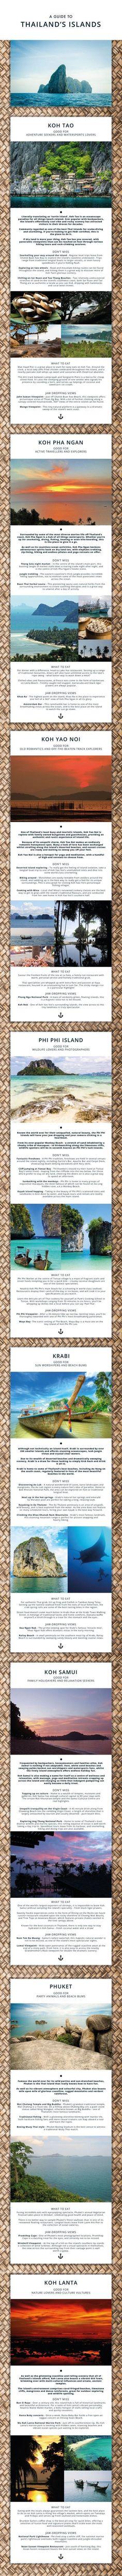 Teach English In Thailand #asiadestinations